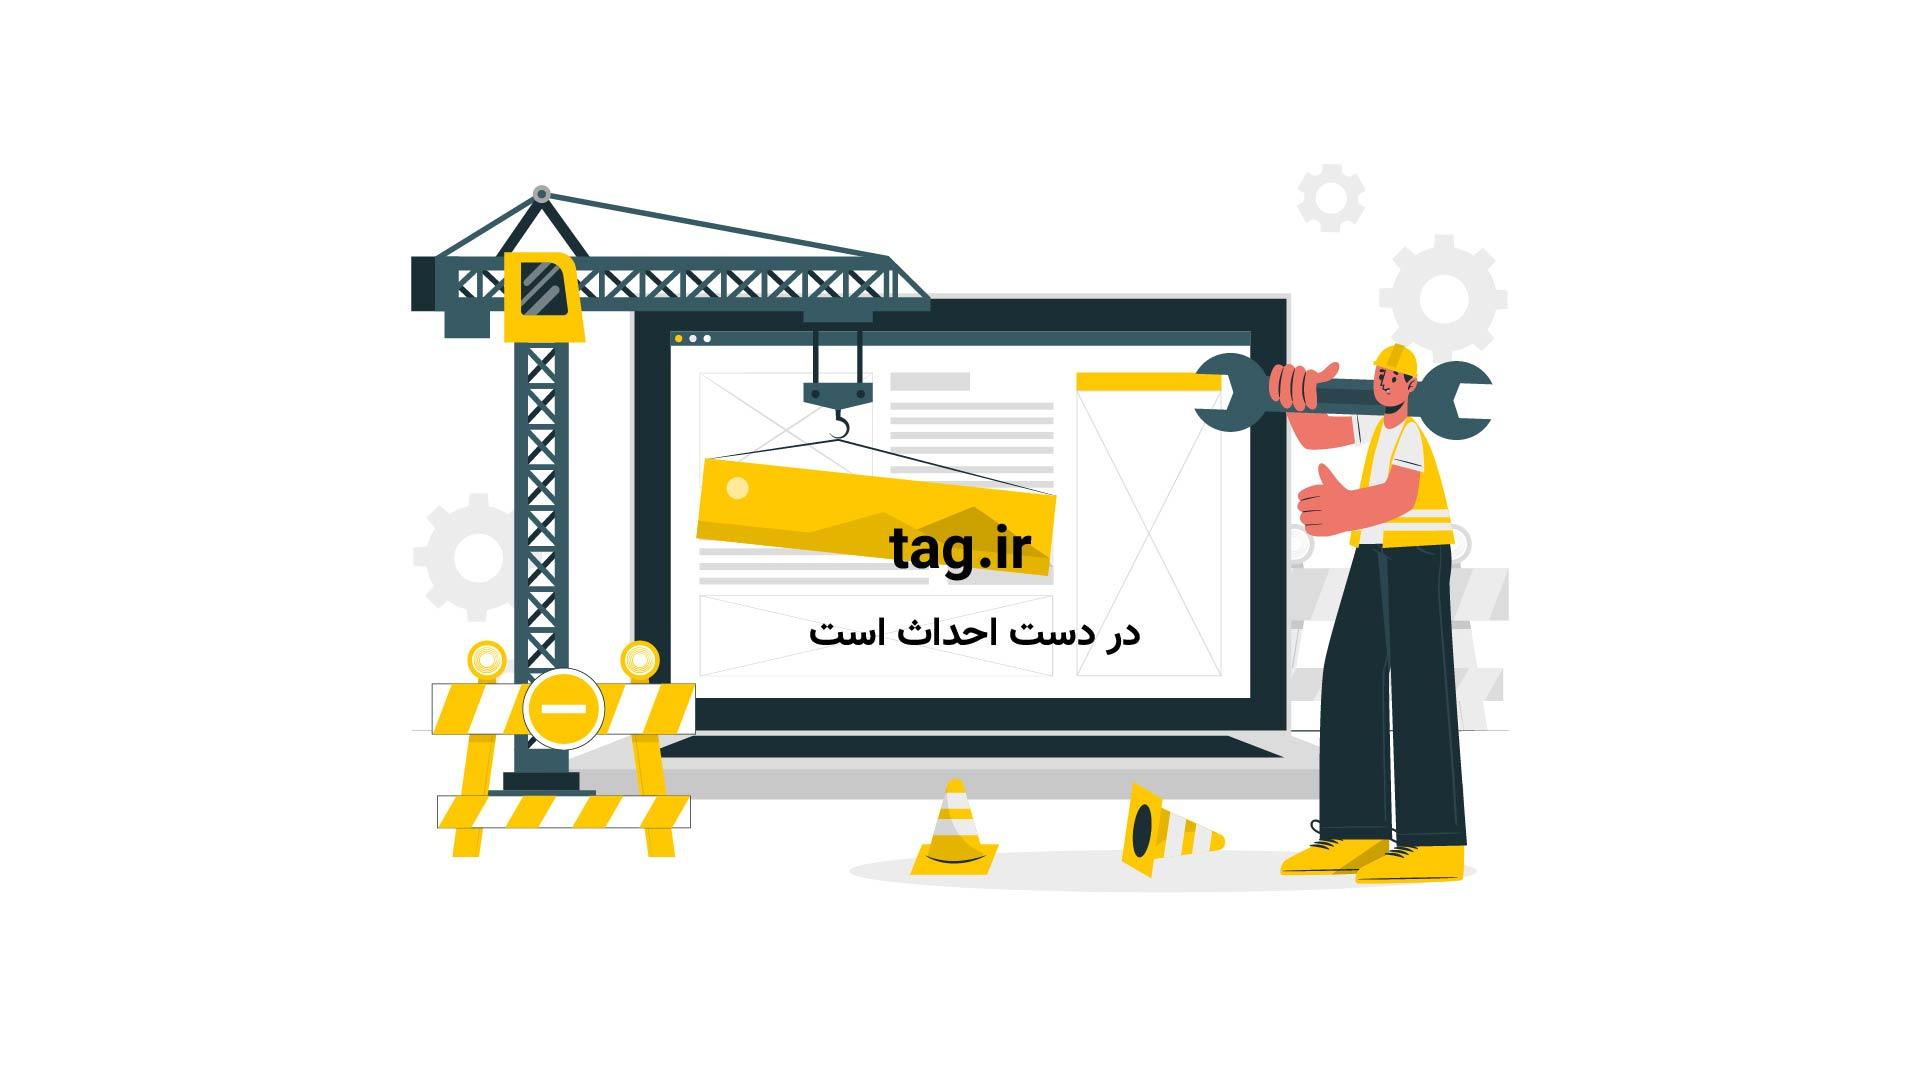 نقاشی شگفت انگیز با شن داخل جعبه شیشه ای | فیلم